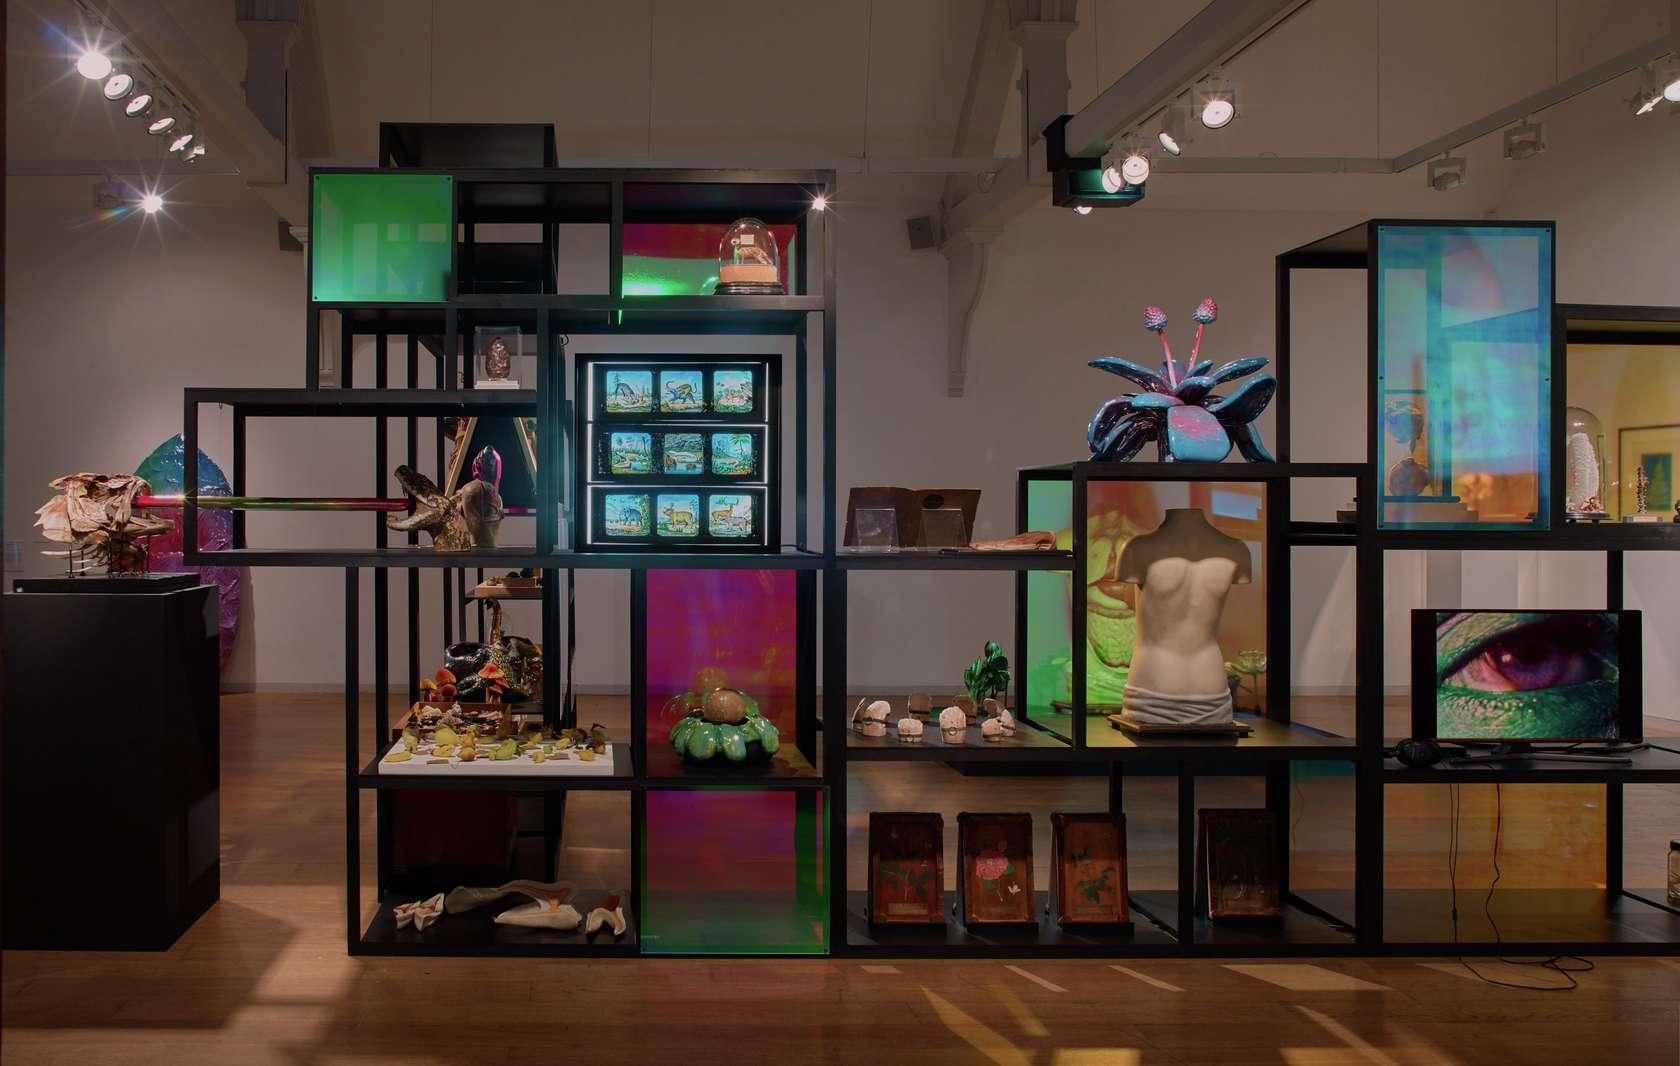 Salvatore Arancio Surreal Science: Loudon Collection with Salvatore Arancio Whitechapel Gallery, London (UK) 25 août 2018 — 6 janvier 2019